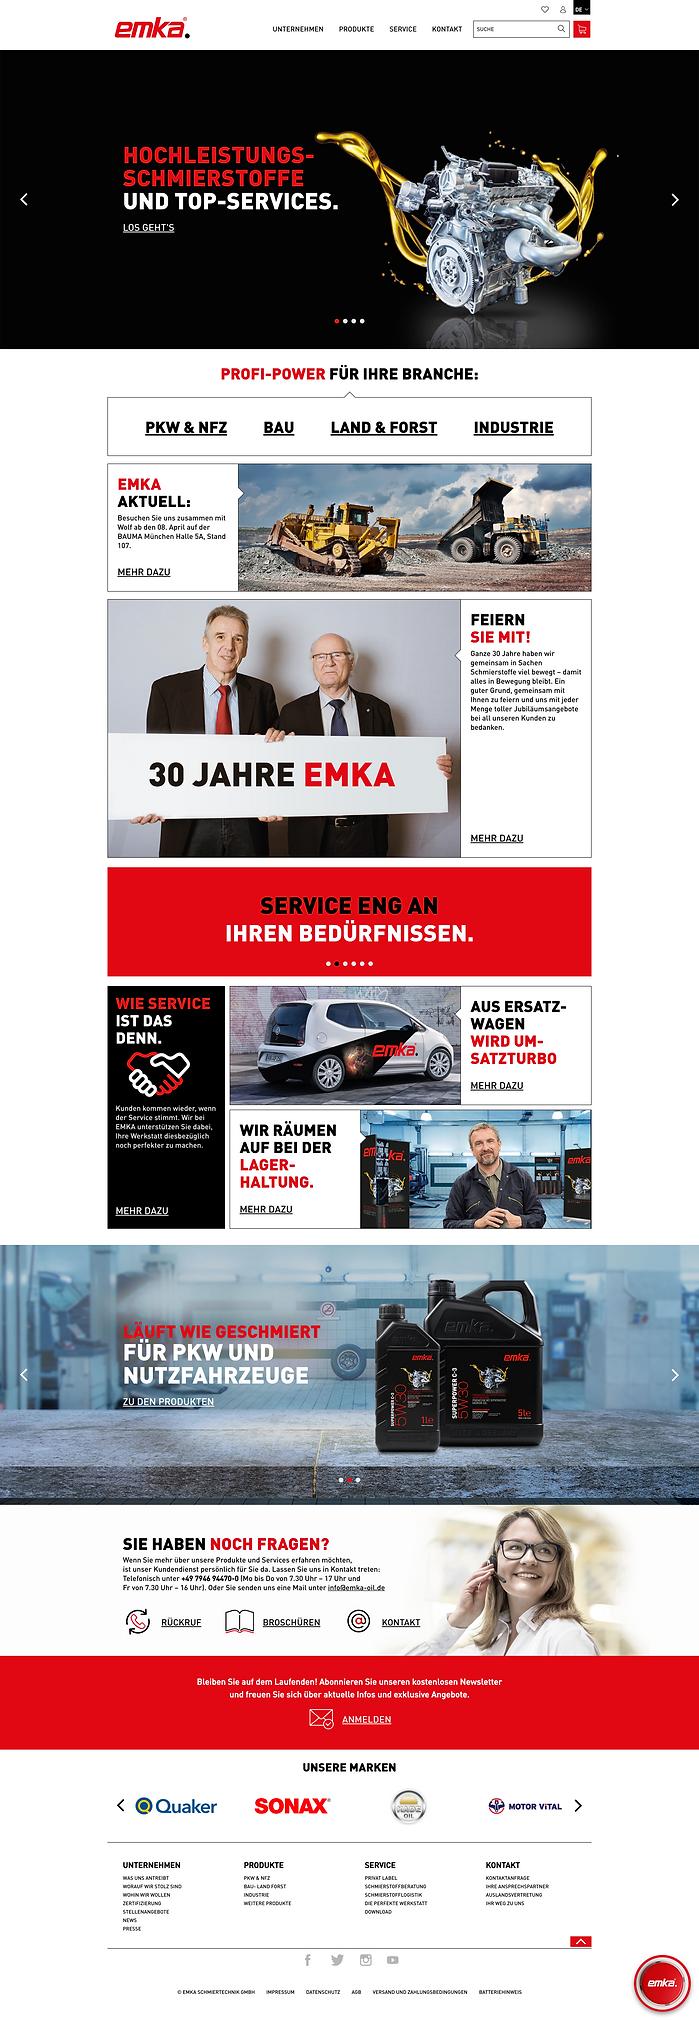 2019-03-22-09-45-www.emka-oil.de.png